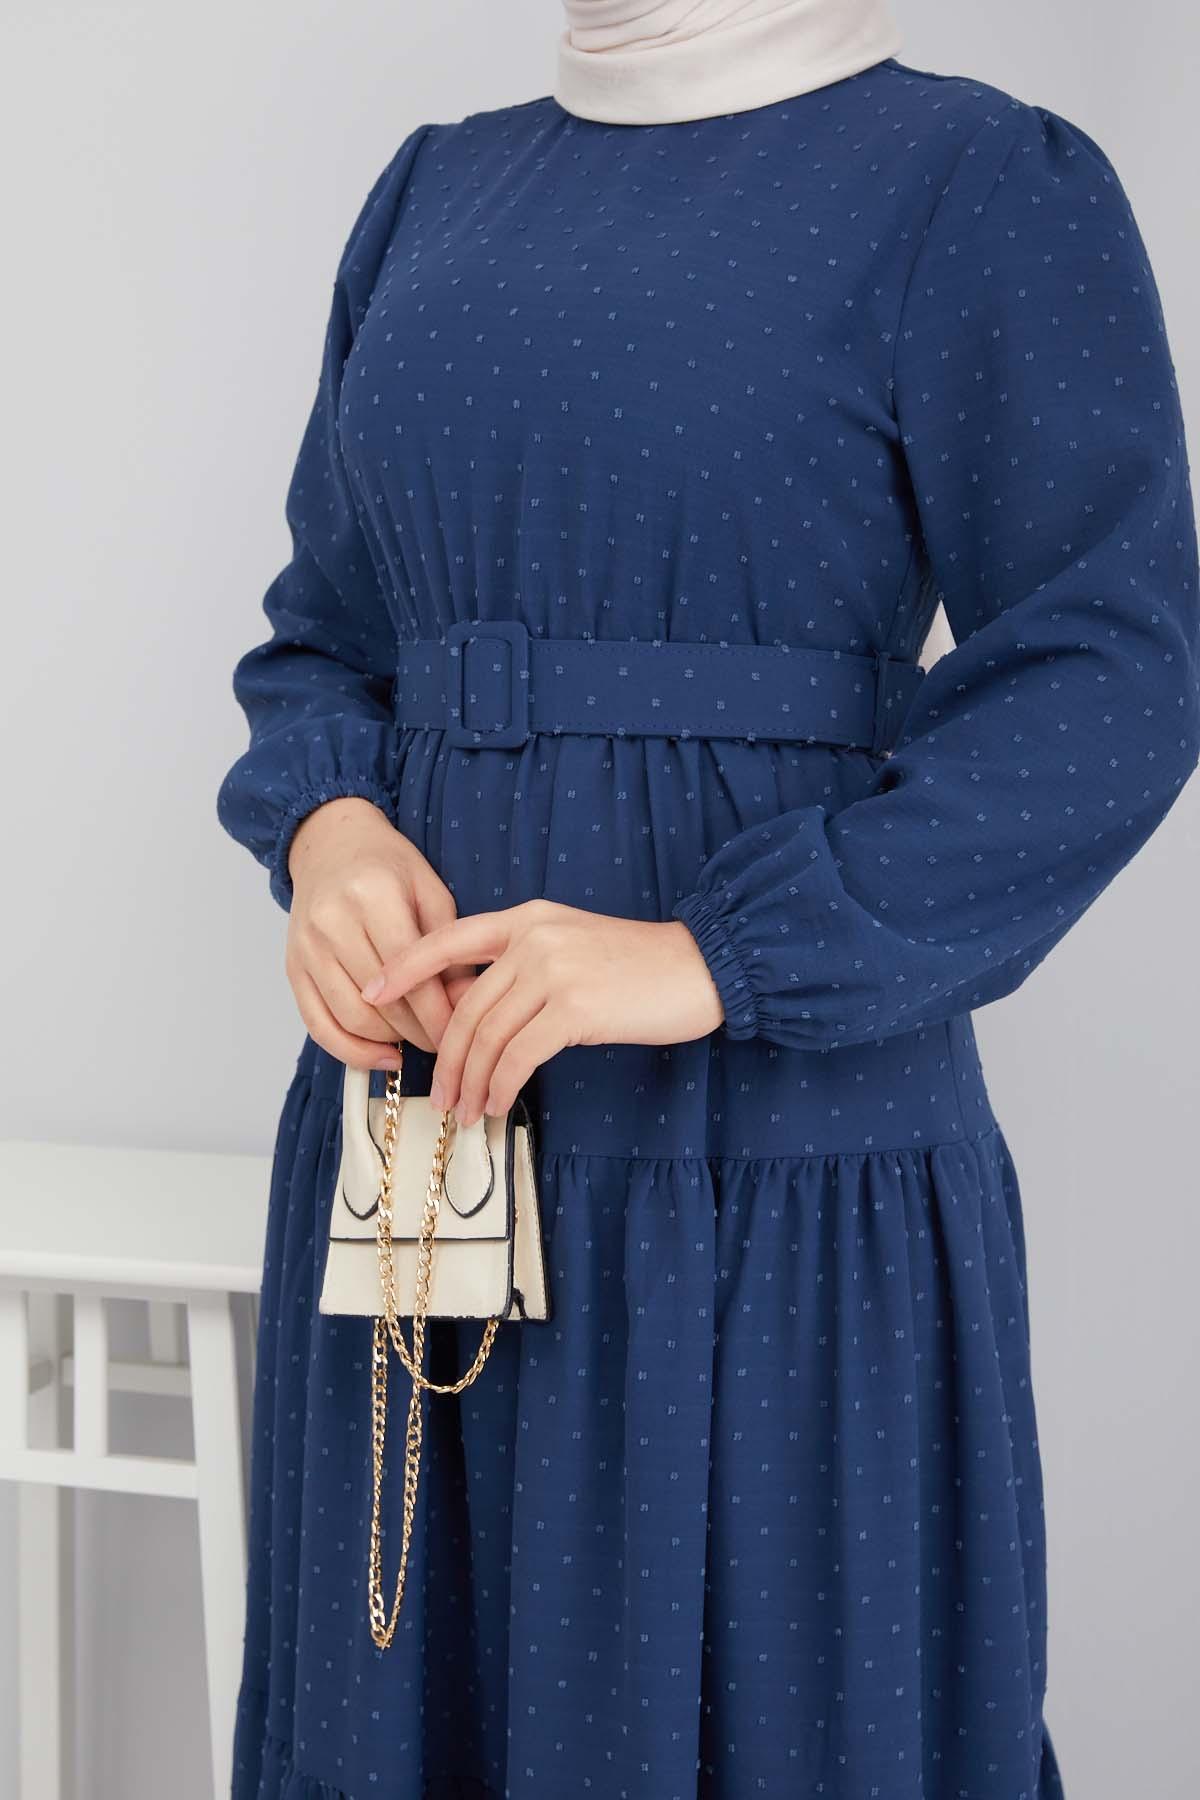 Kemer Detaylı Ponpon İşlemeli Elbise - Mavi